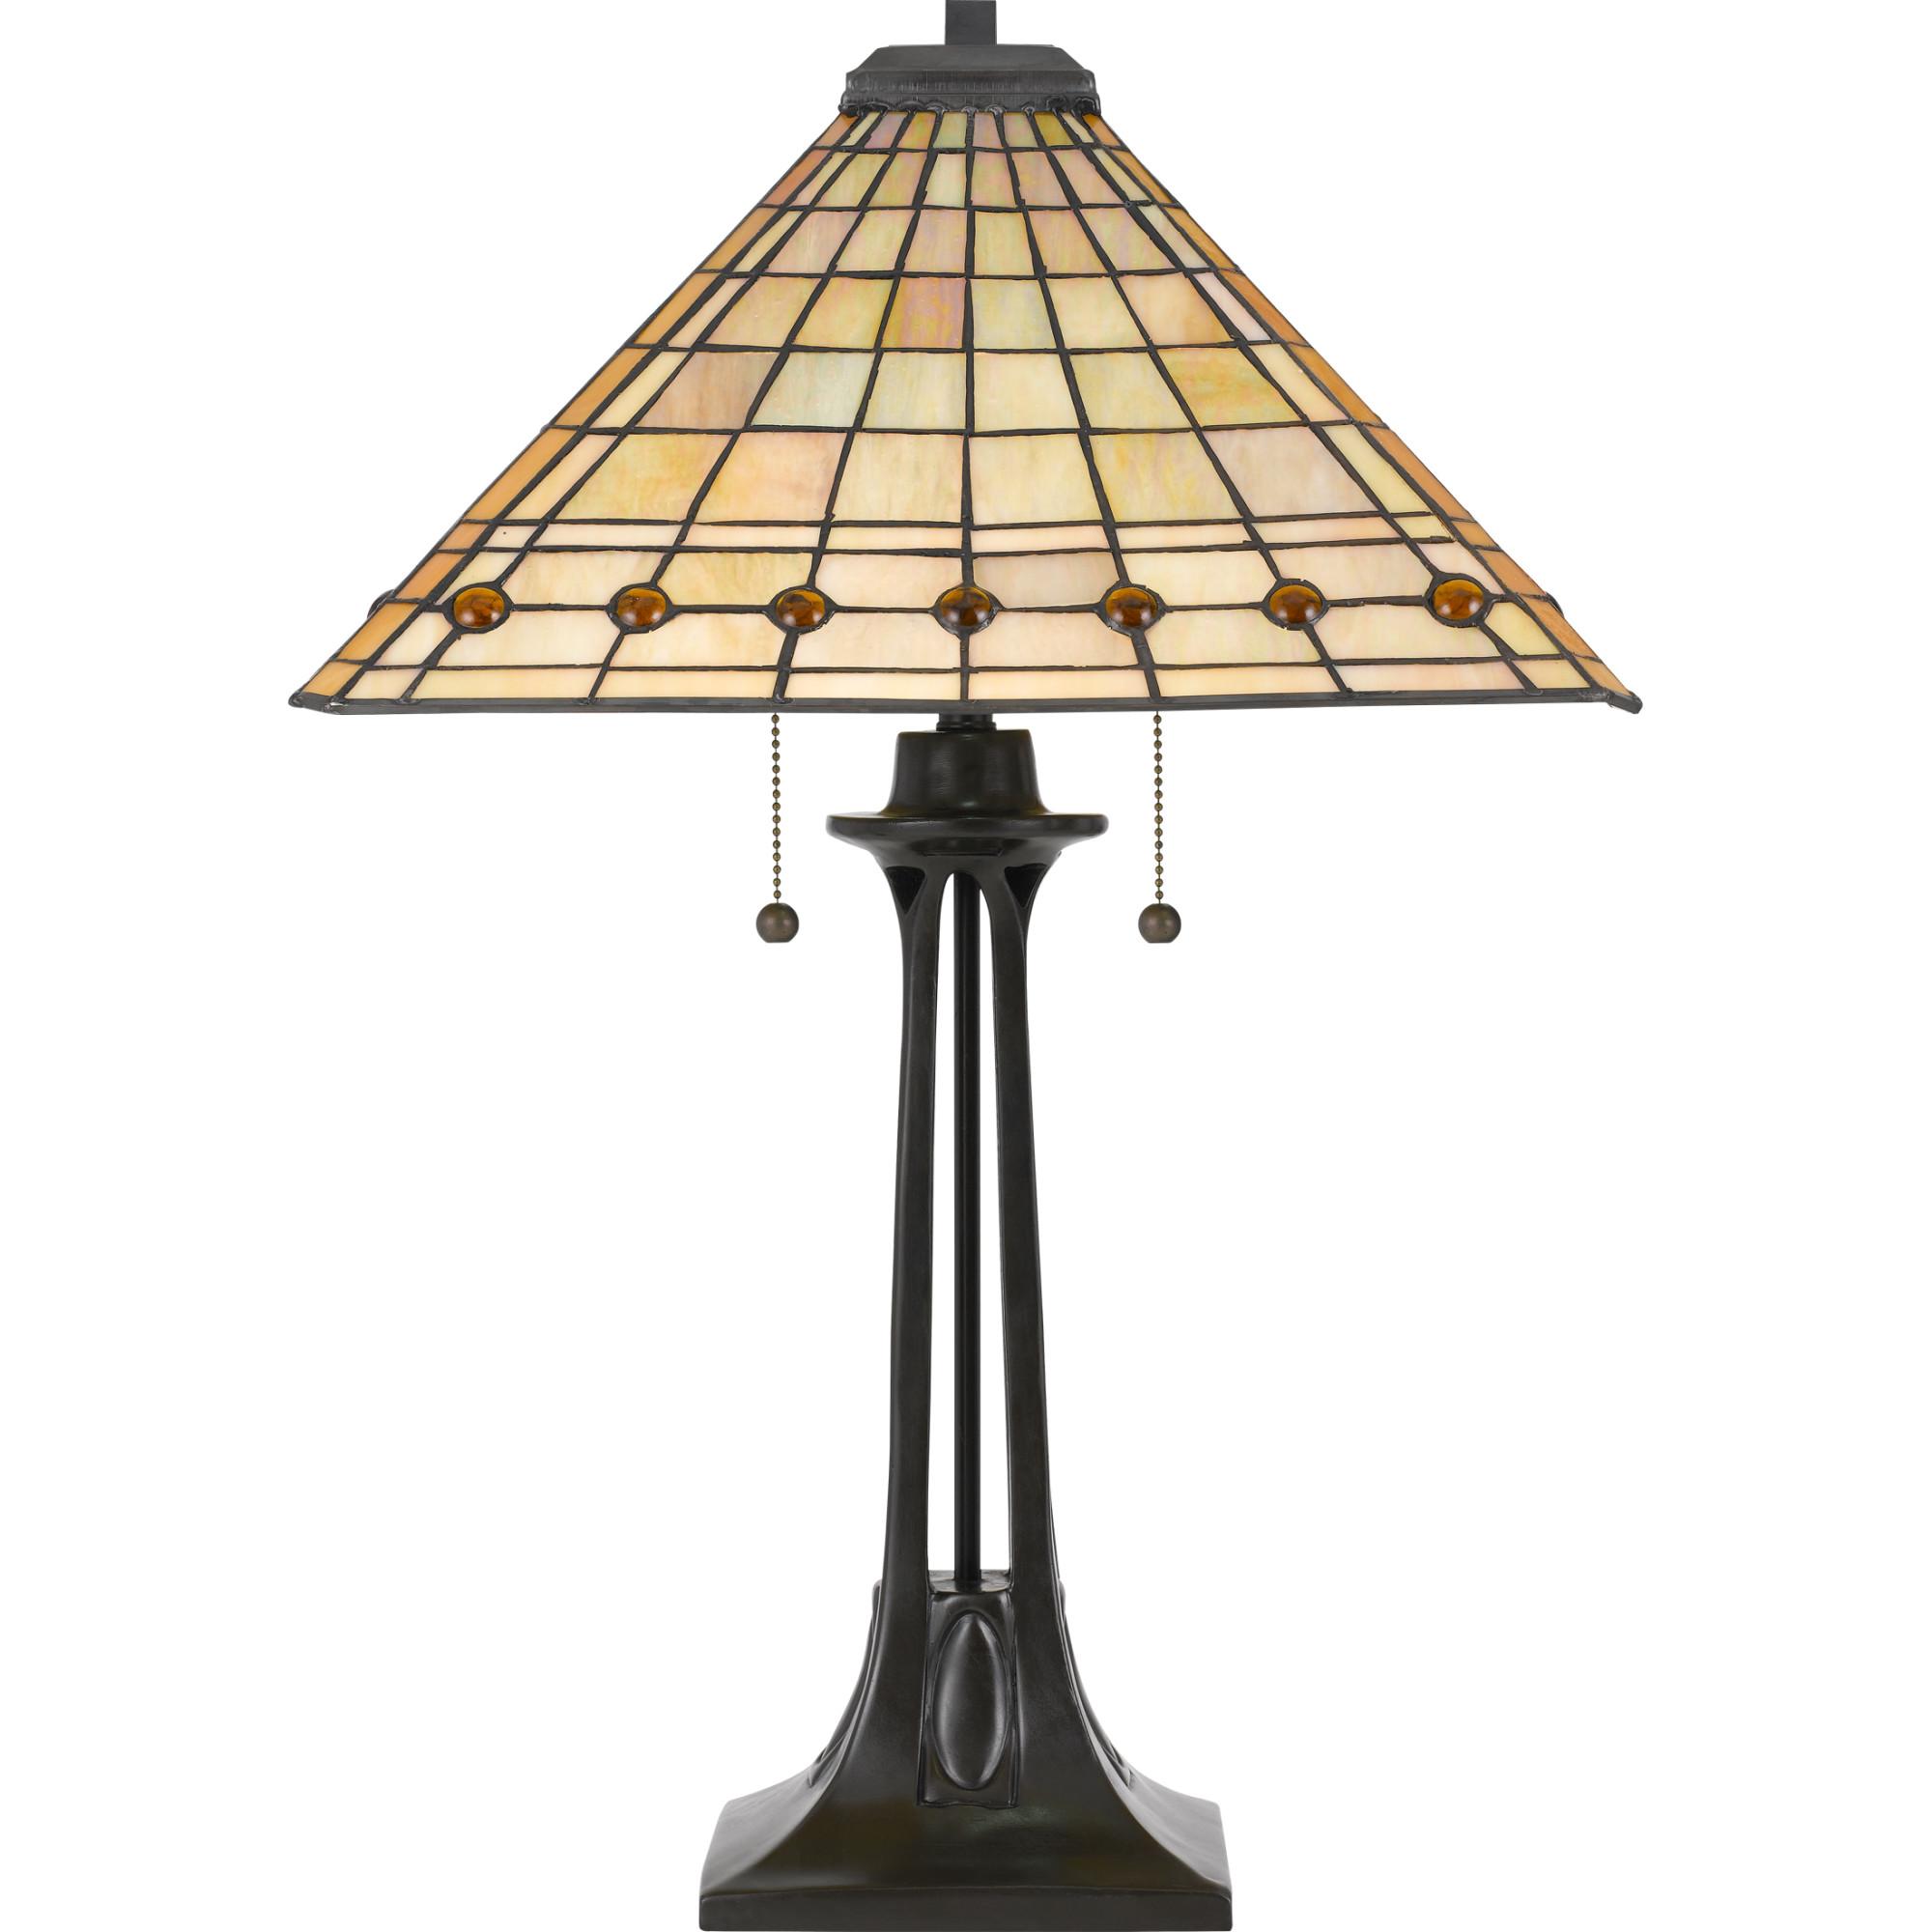 Quoizel Tf3335 Tiffany 2 Light 25 3 4 Tall Tiffany Table Lamp With